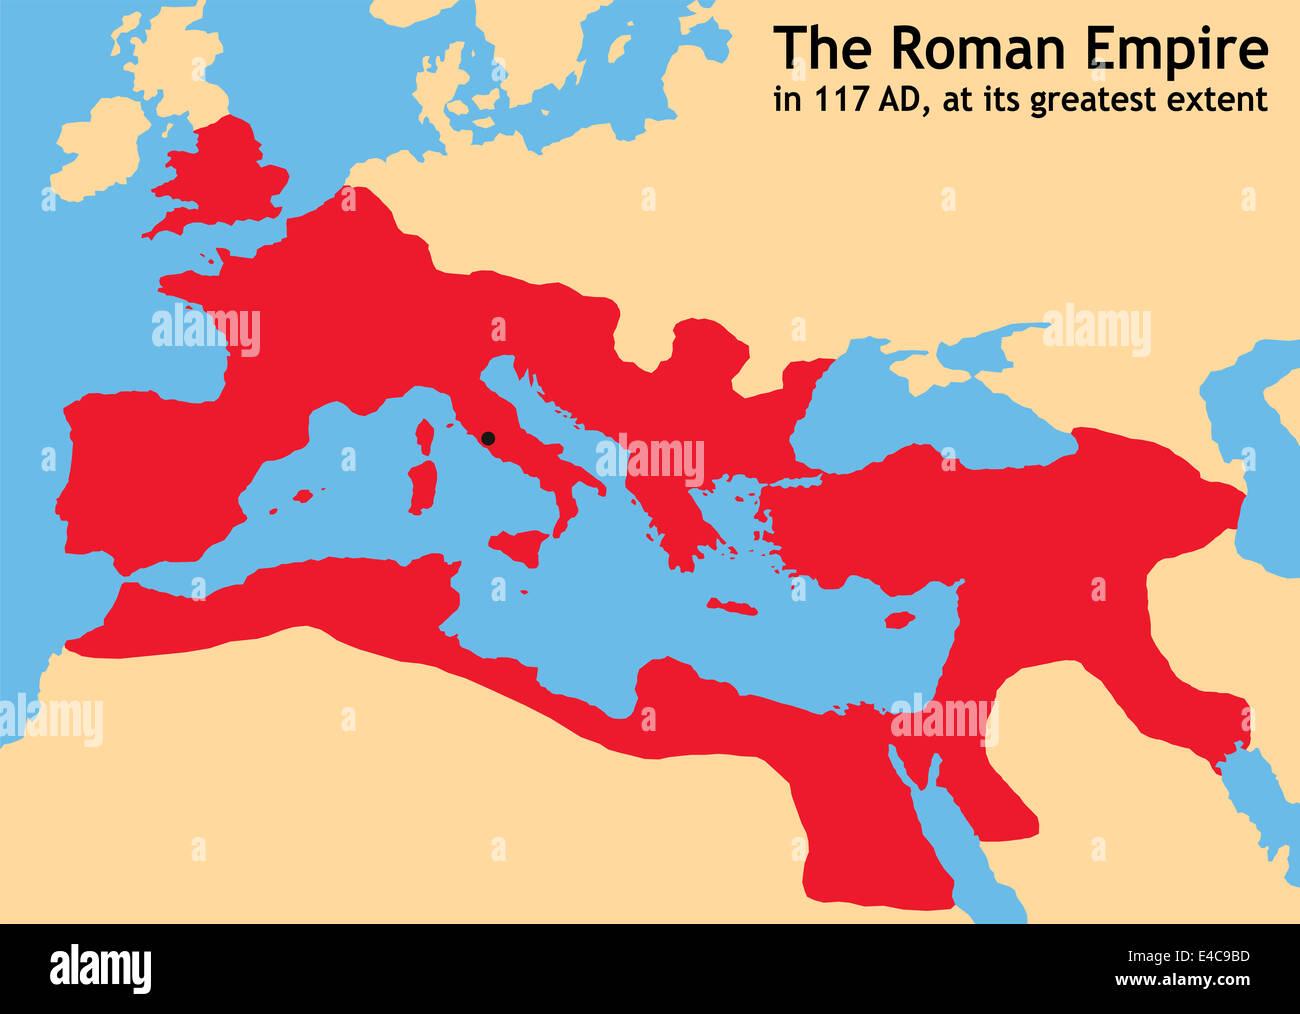 Römisches Reich Größte Ausdehnung